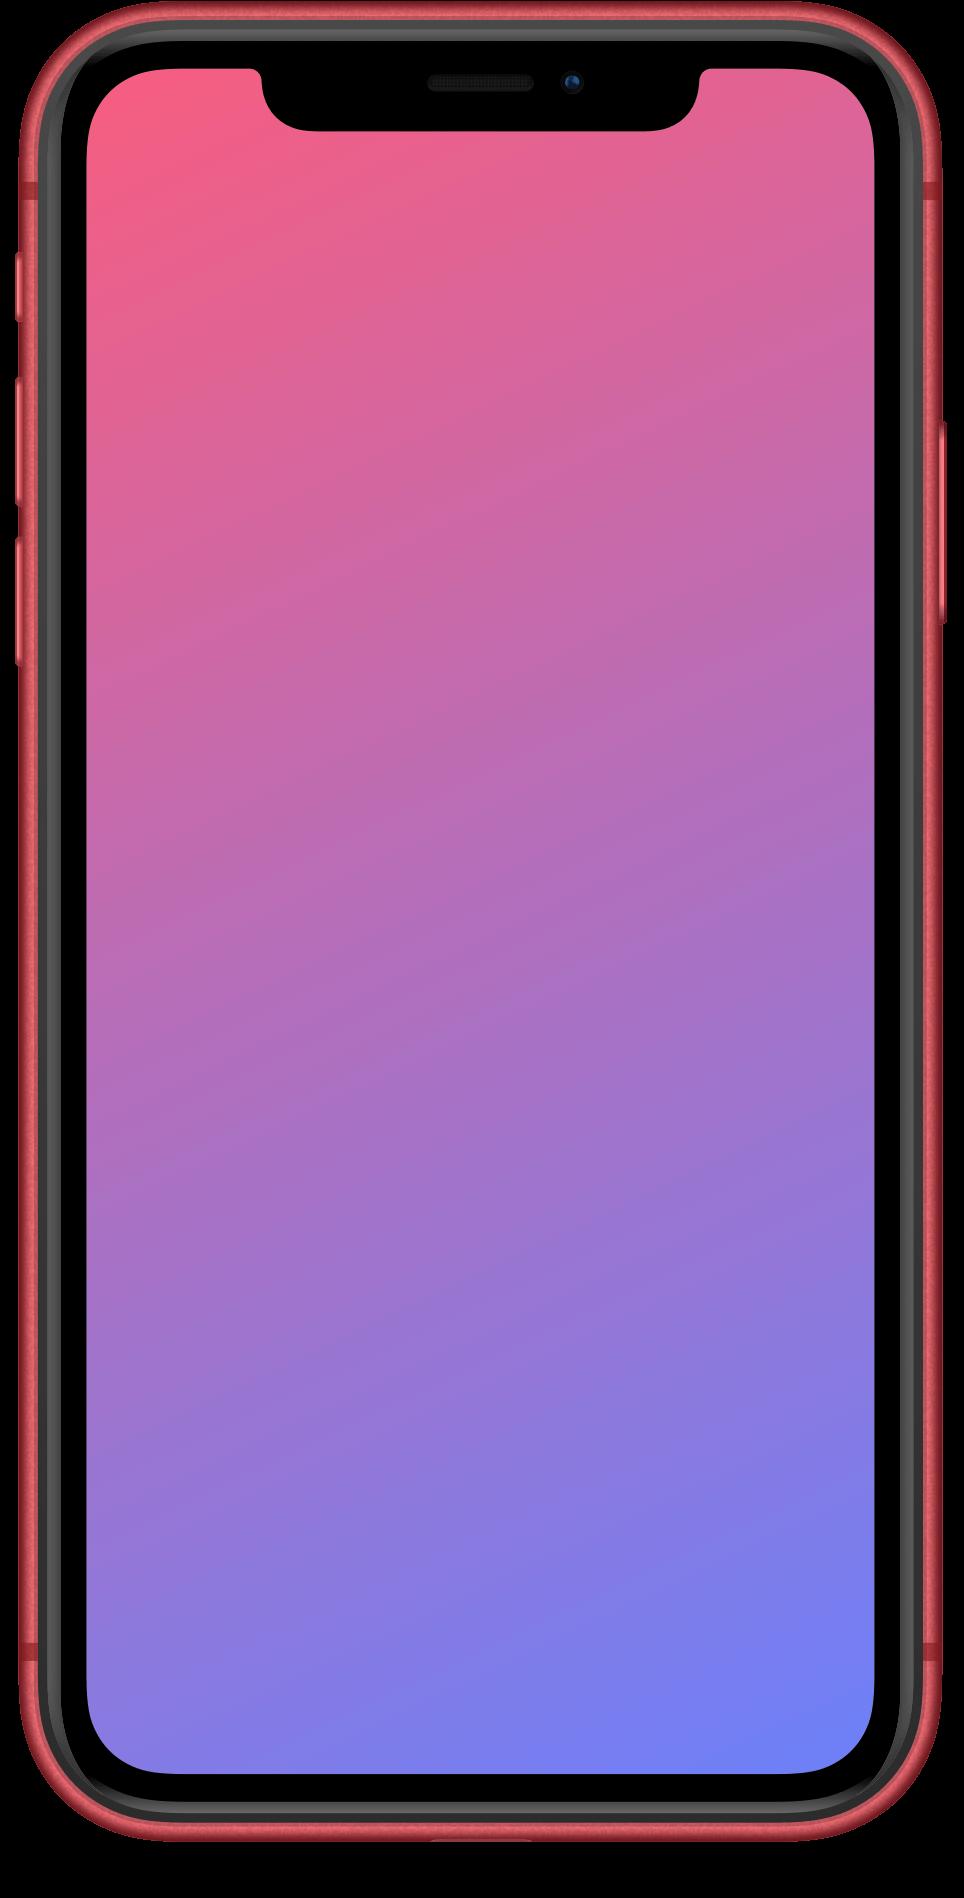 Influx Pink Gradient iPhone background display